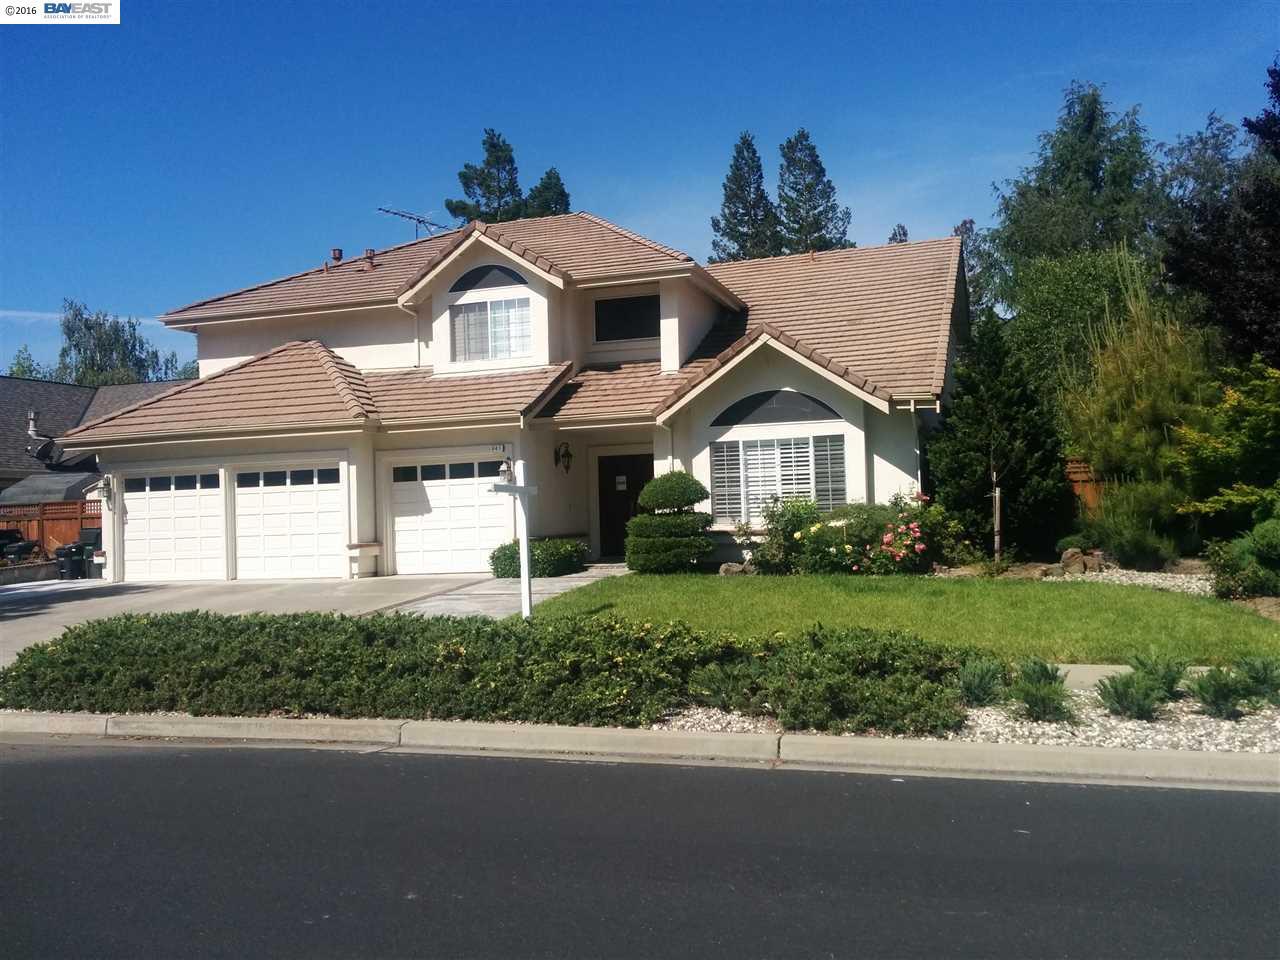 941 Alison Cir, Livermore, CA